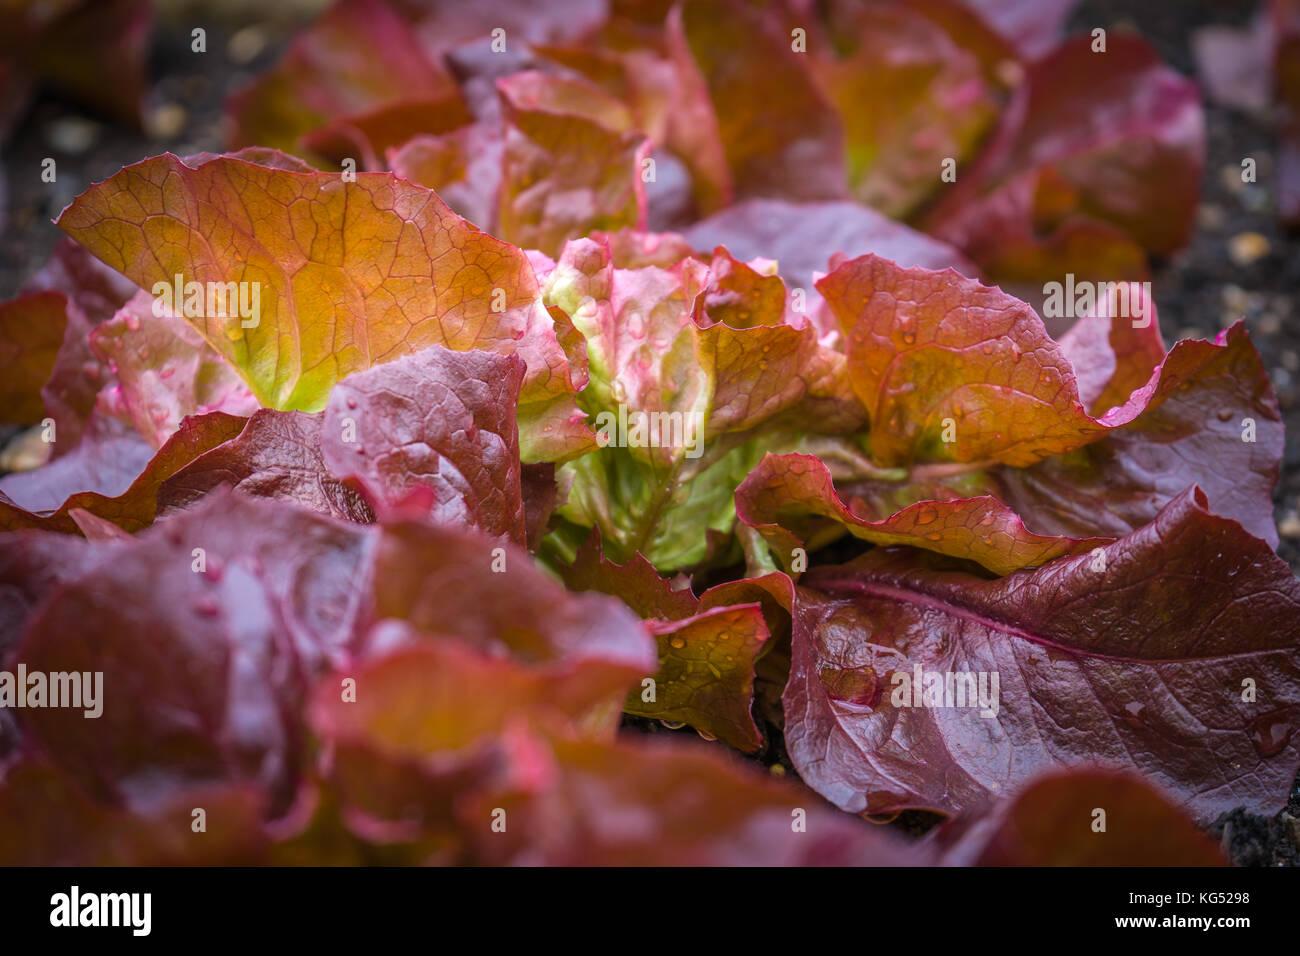 Red Leaf lattughe sono un gruppo di cultivar di lattuga con foglie rosse. Immagini Stock